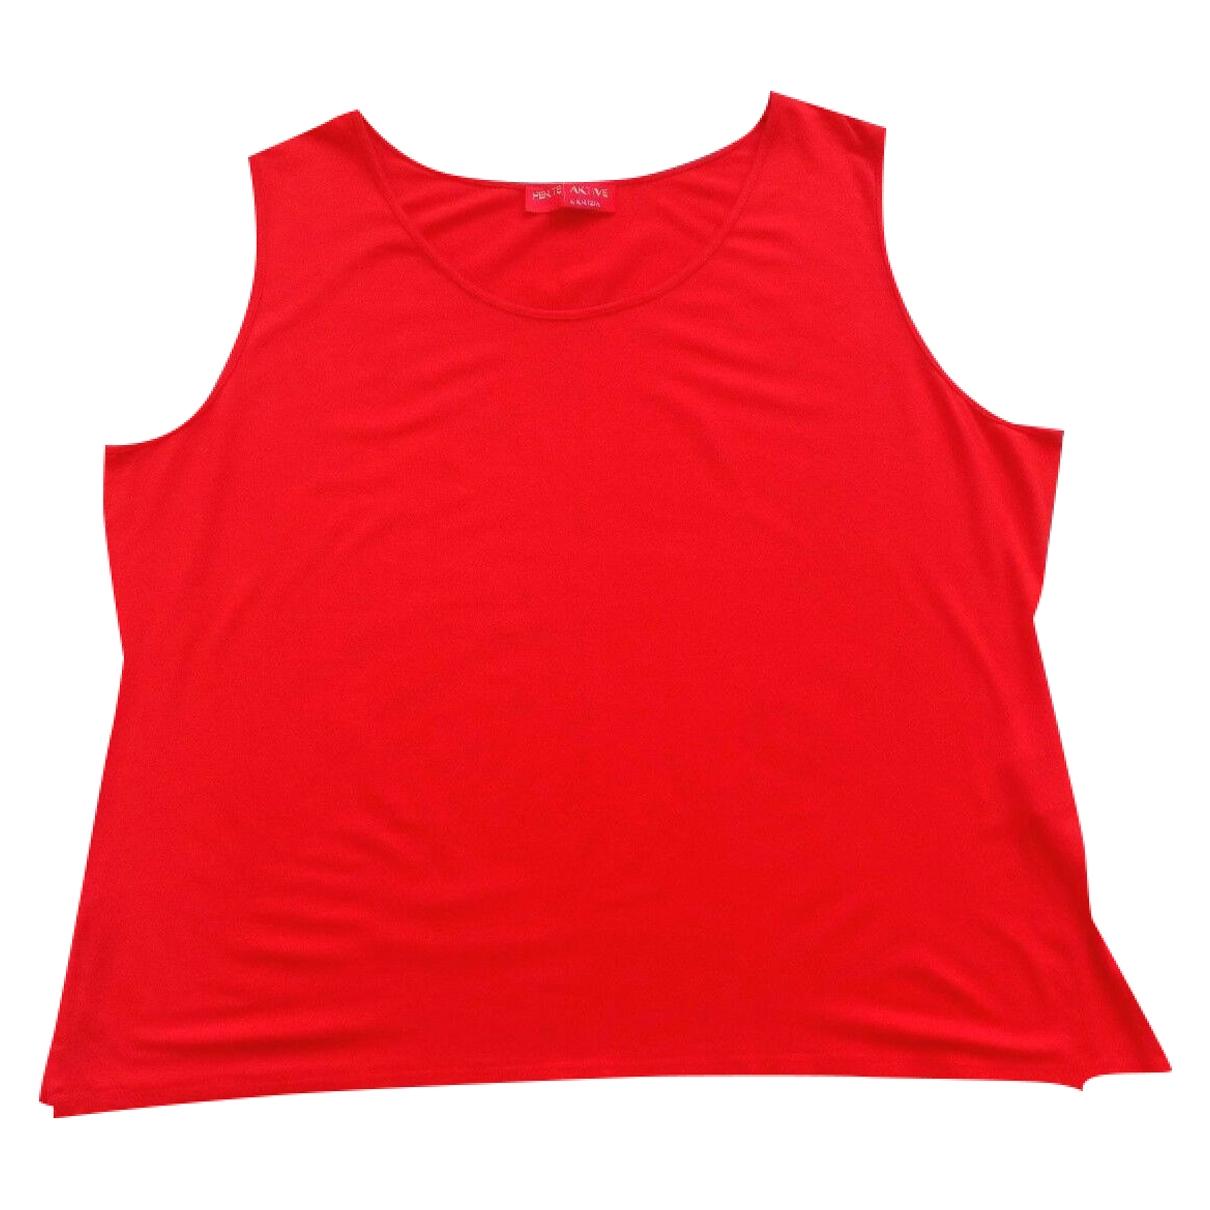 Krizia - Top   pour femme - rouge